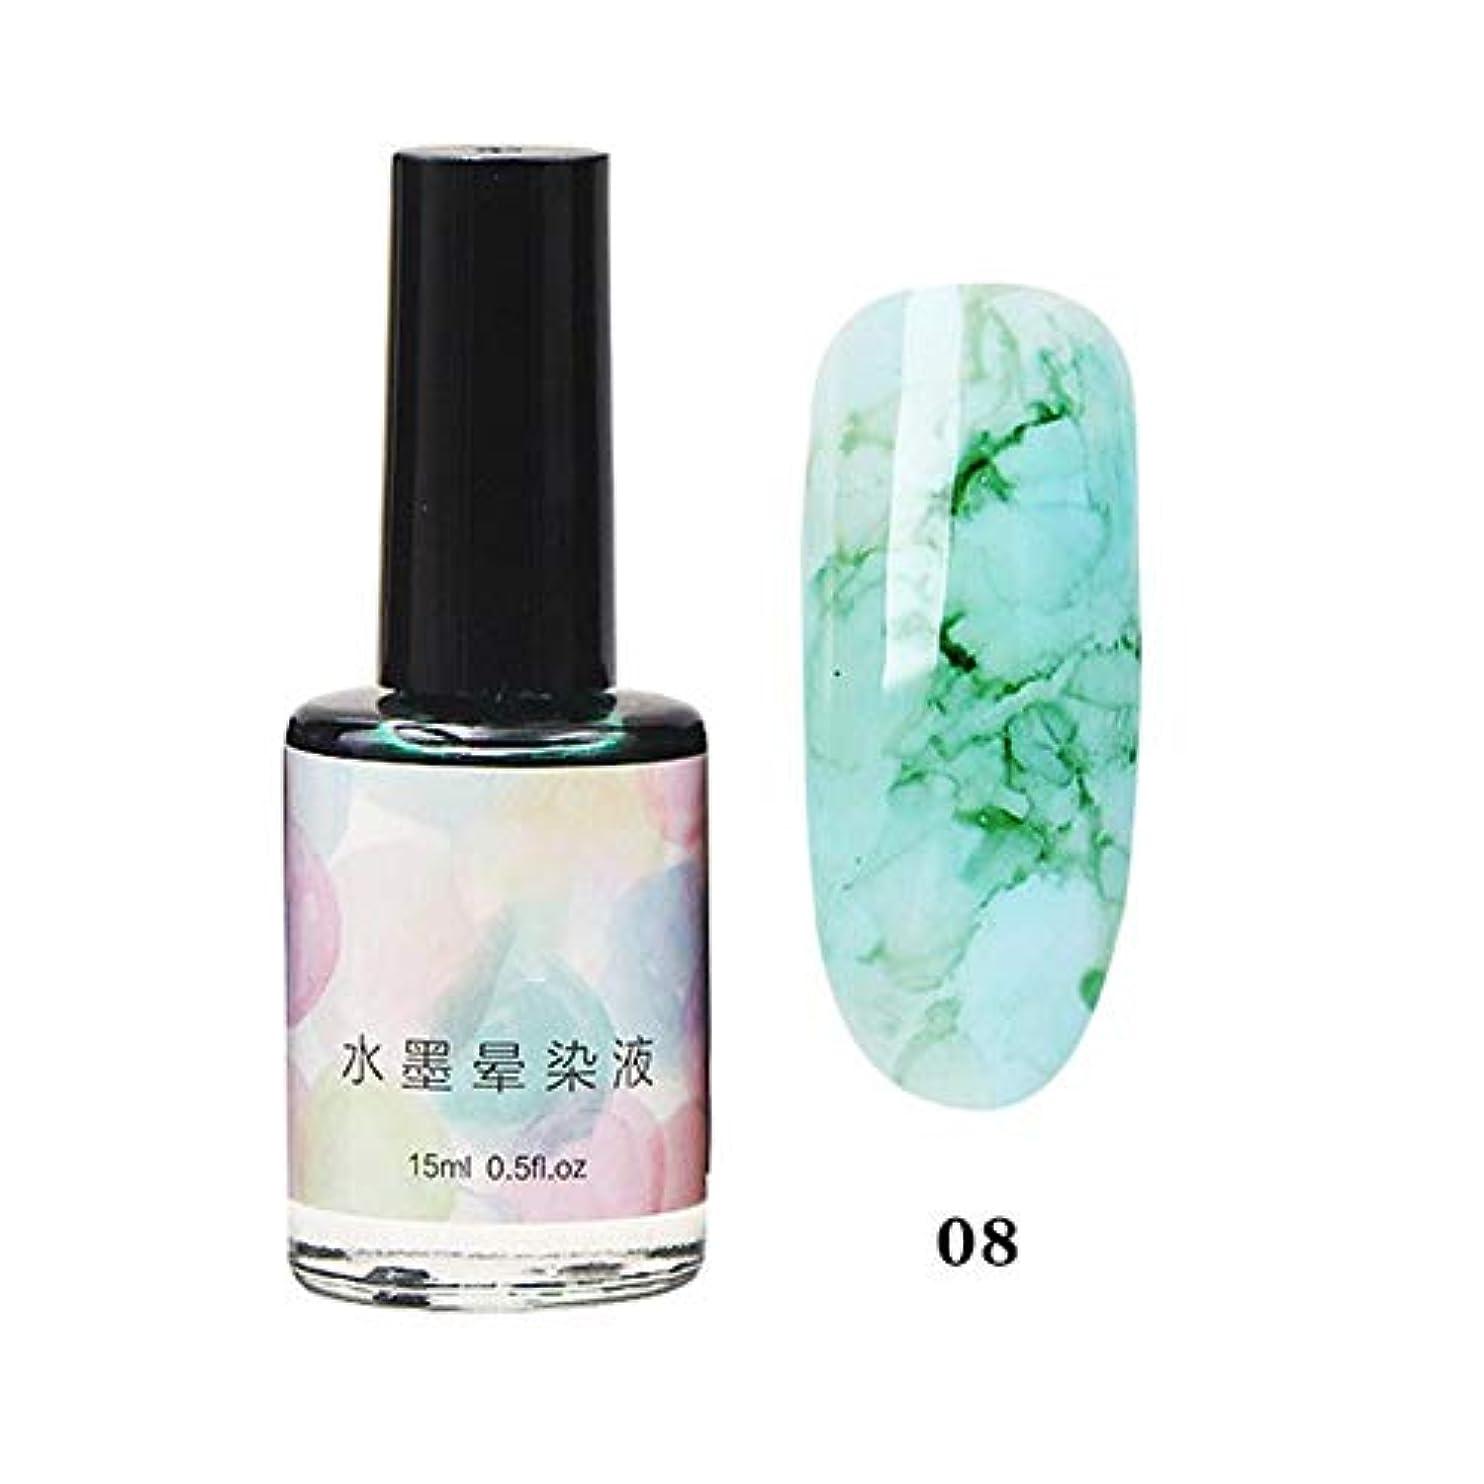 11色選べる ネイルポリッシュ マニキュア ネイルアート 美しい 水墨柄 ネイルカラー 液体 爪に塗って乾かす 初心者でも簡単に使用できる junexi